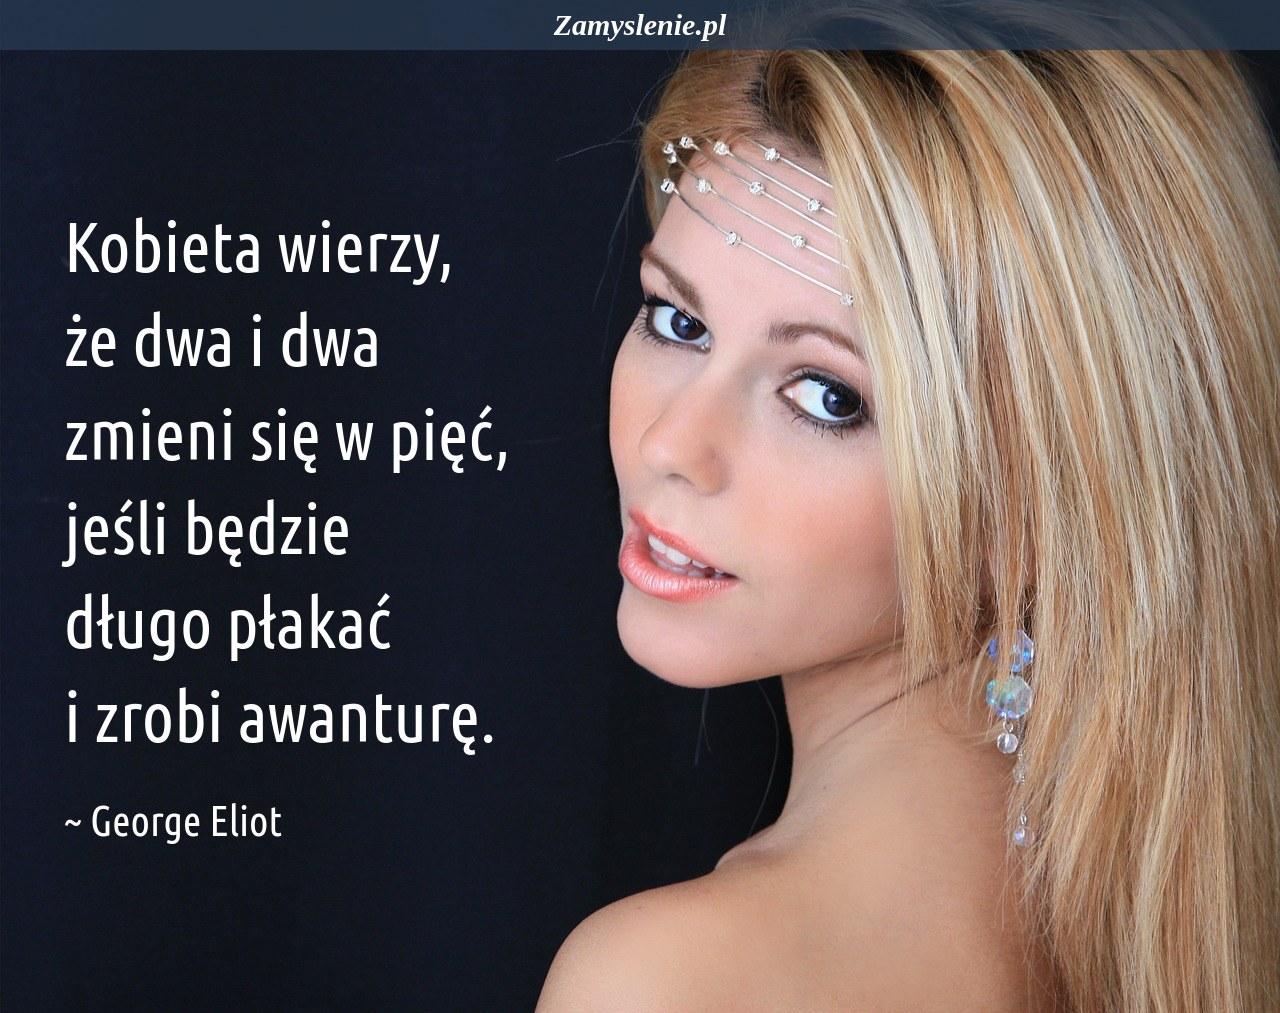 Obraz / mem do cytatu: Kobieta wierzy, że dwa i dwa zmieni się w pięć, jeśli będzie długo płakać i zrobi awanturę.